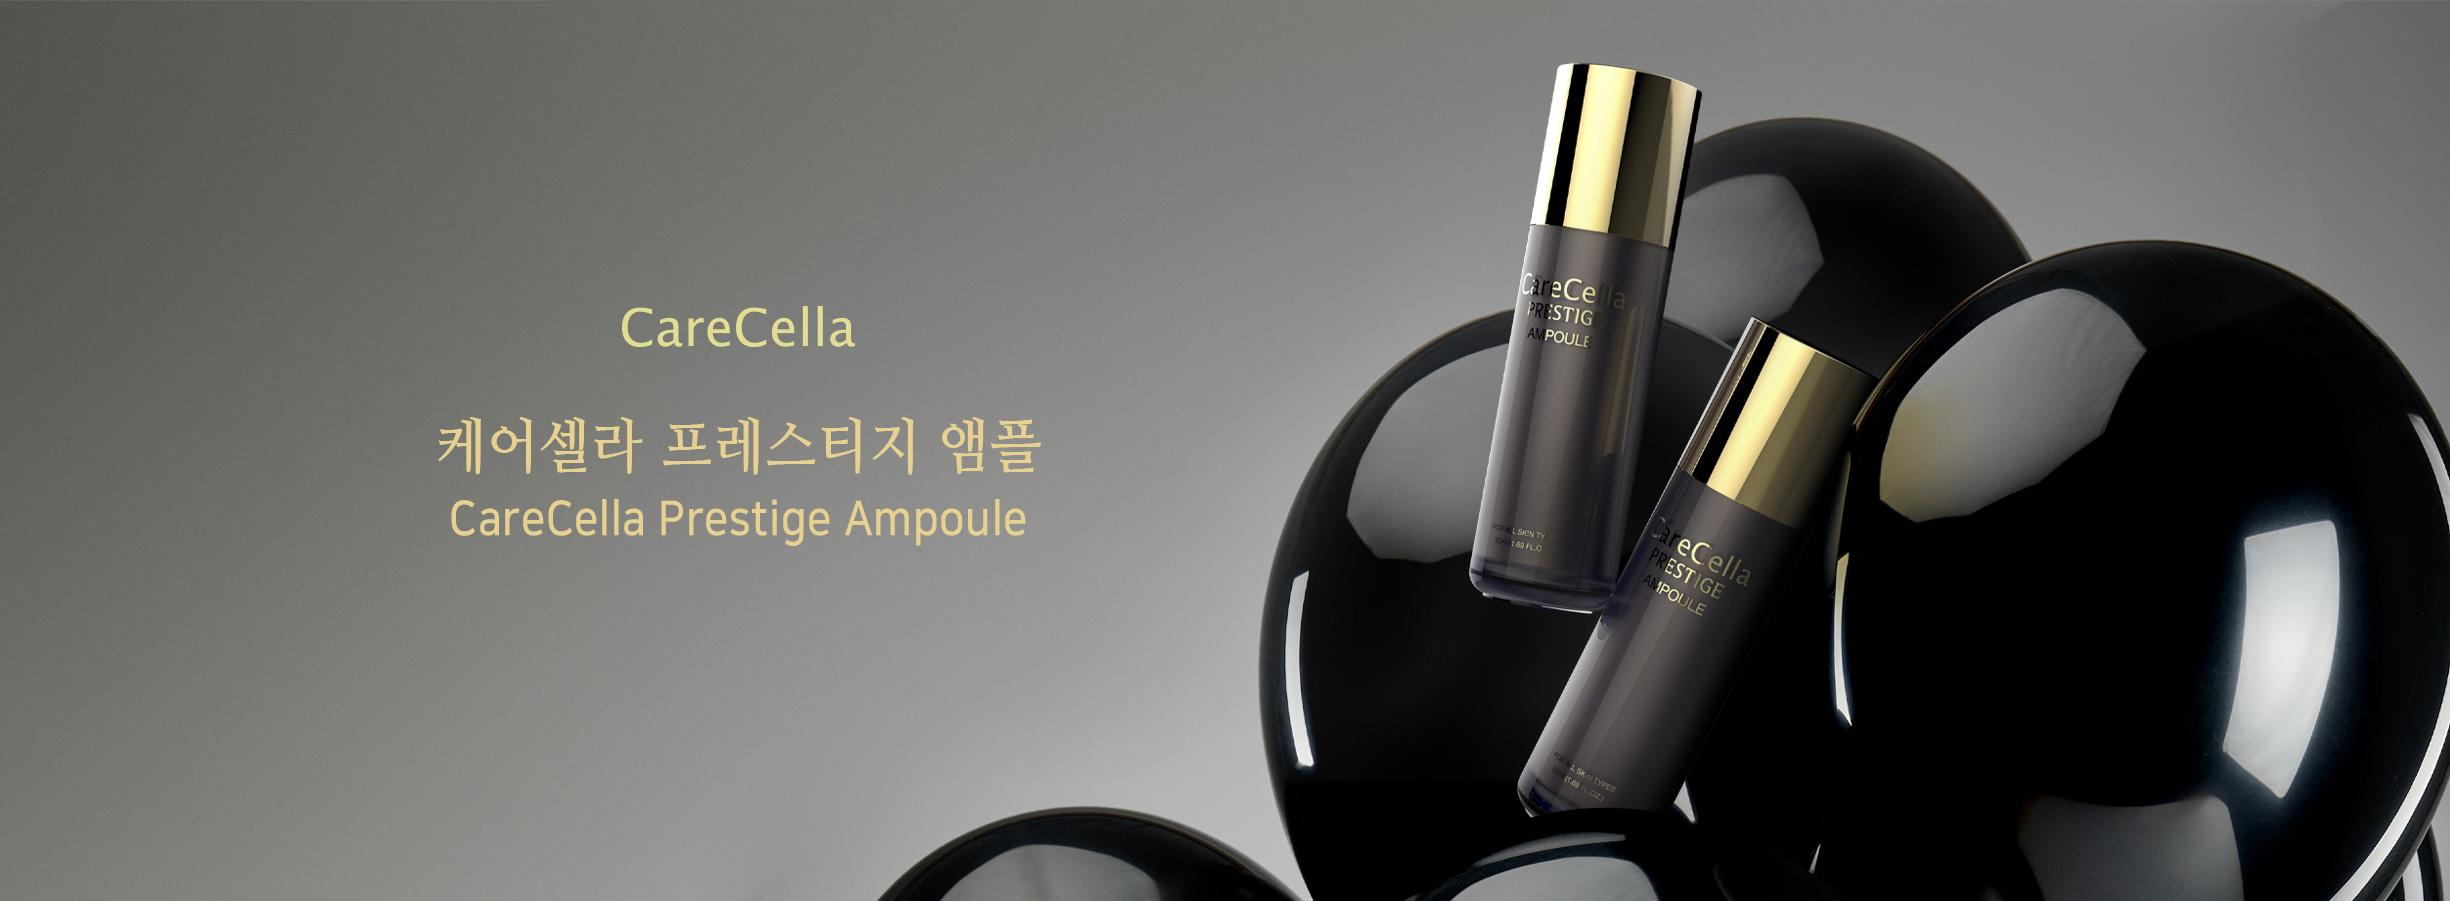 CareCella Prestige Ampoule